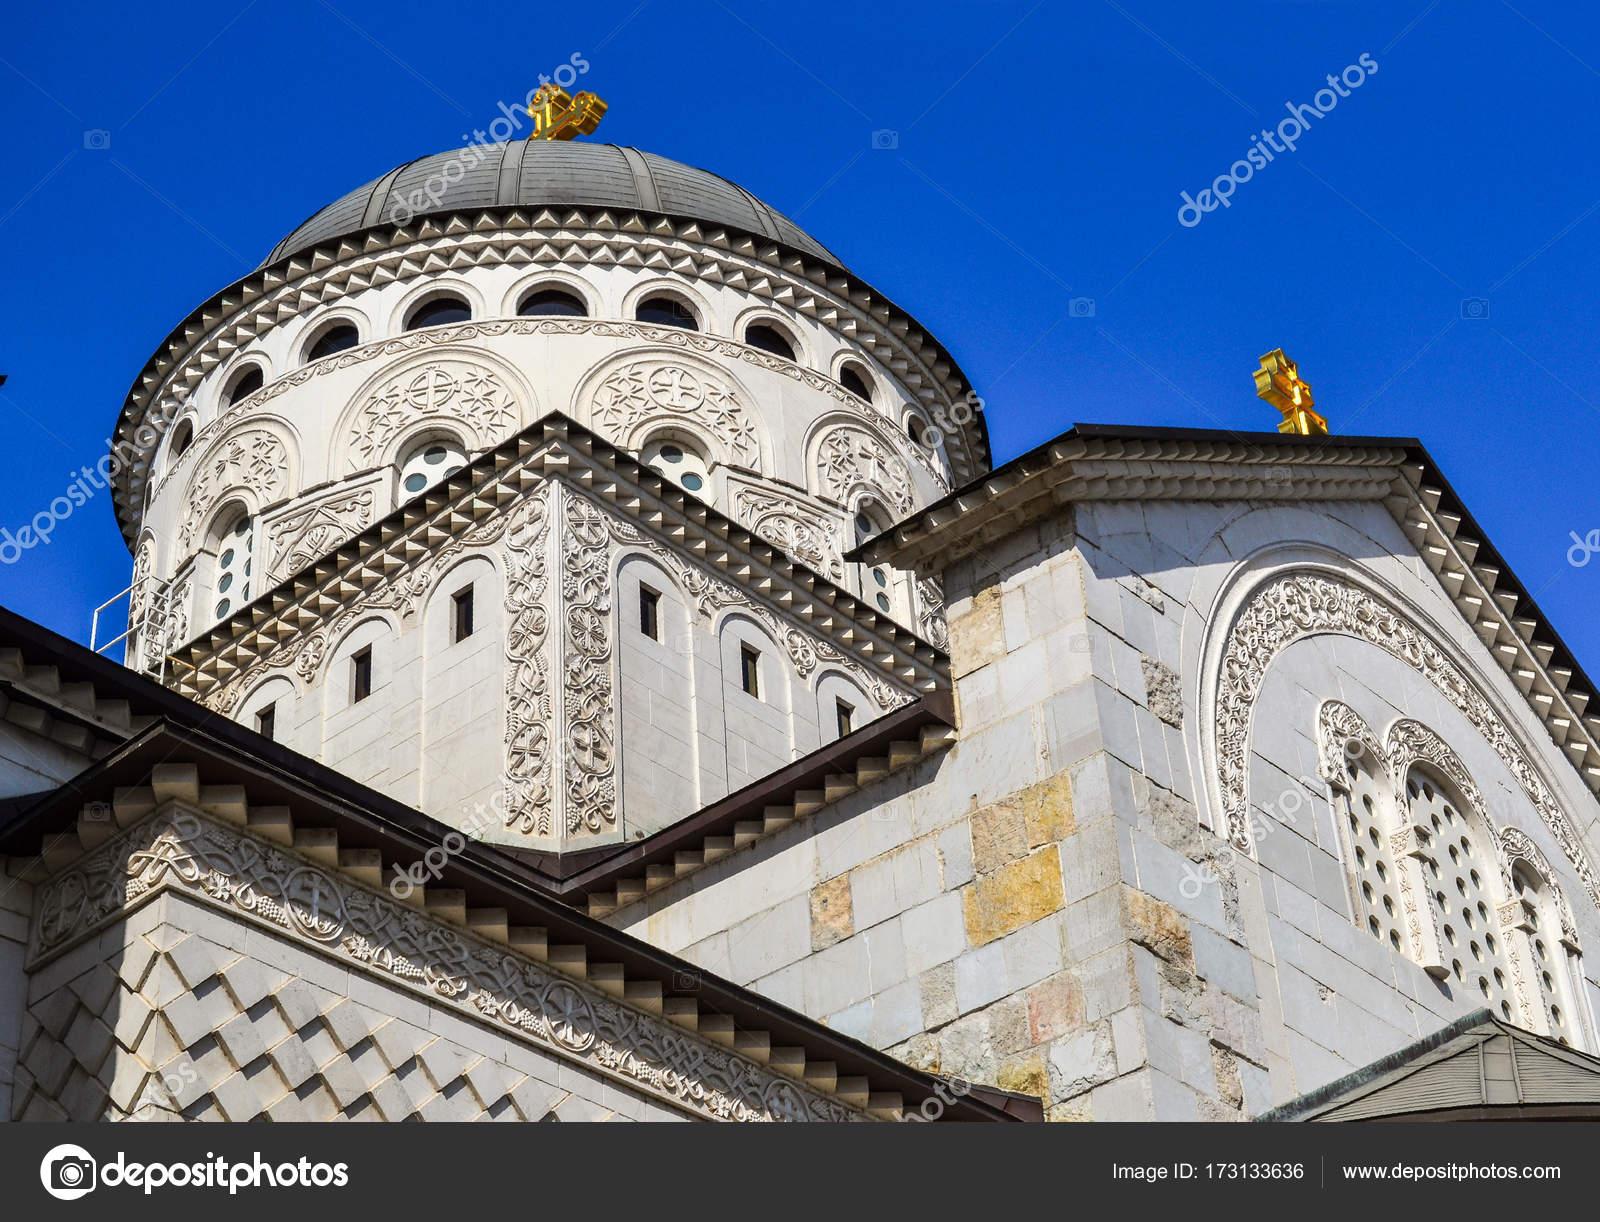 La Credenza Podgorica : Cattedrale della risurrezione di cristo a podgorica montenegro